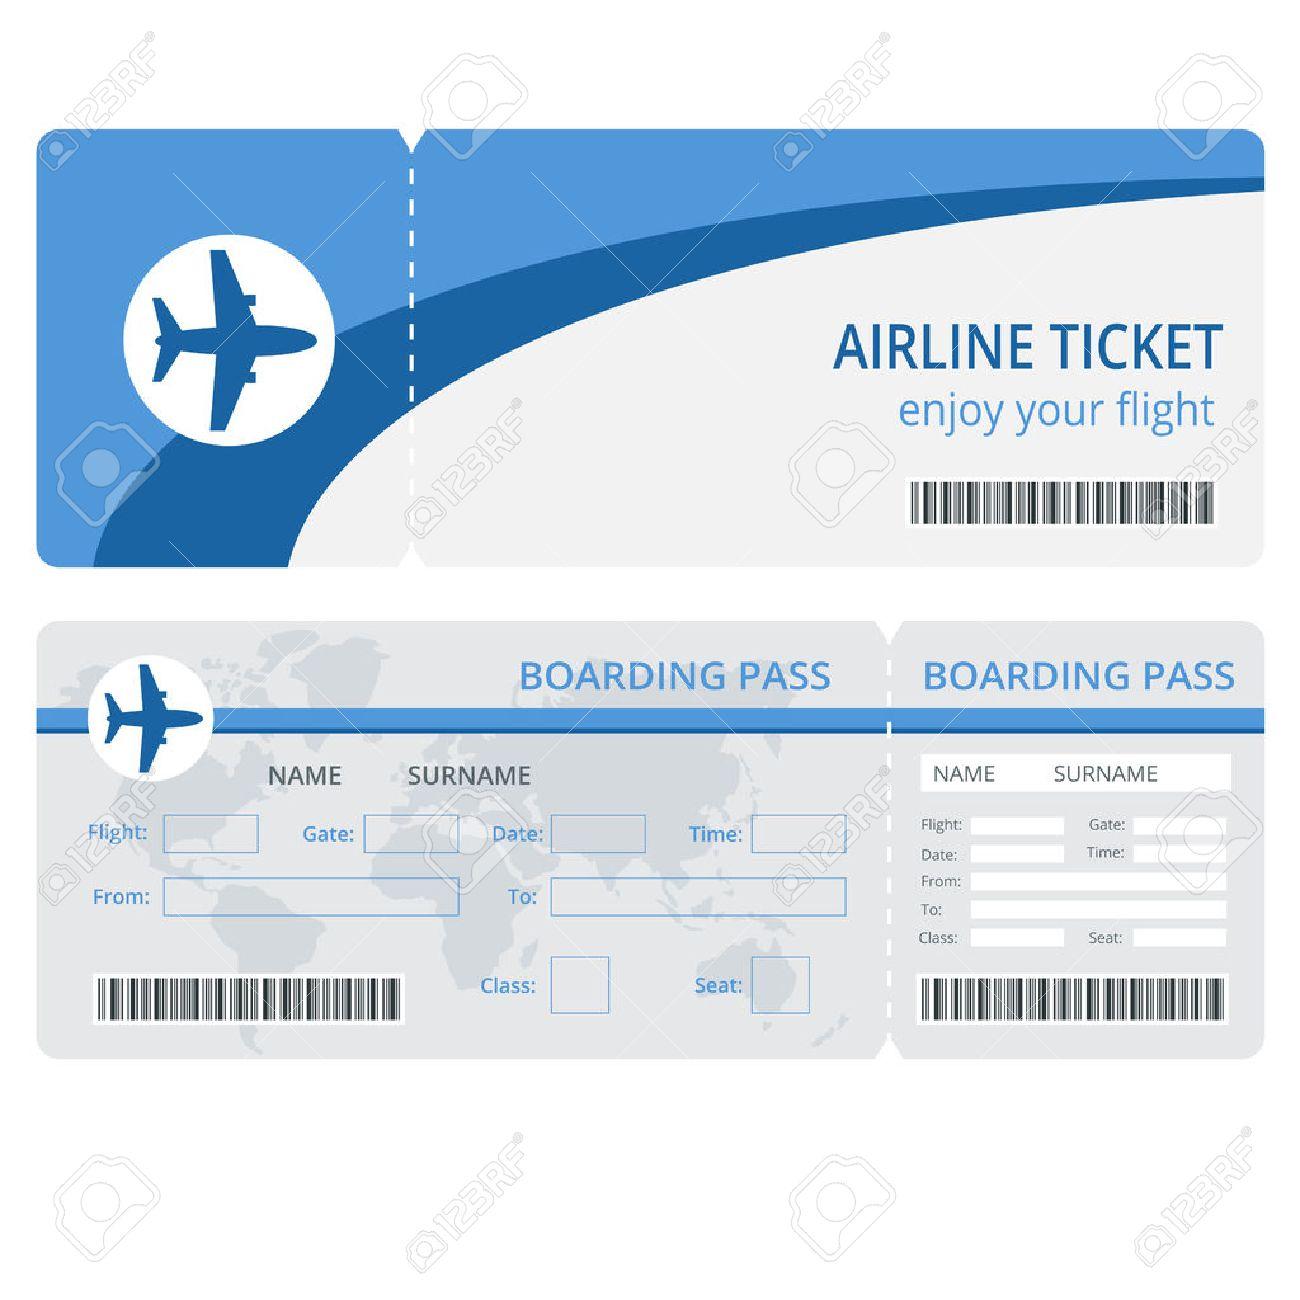 飛行機チケットのデザイン。飛行機チケットのベクトル。空の飛行機の